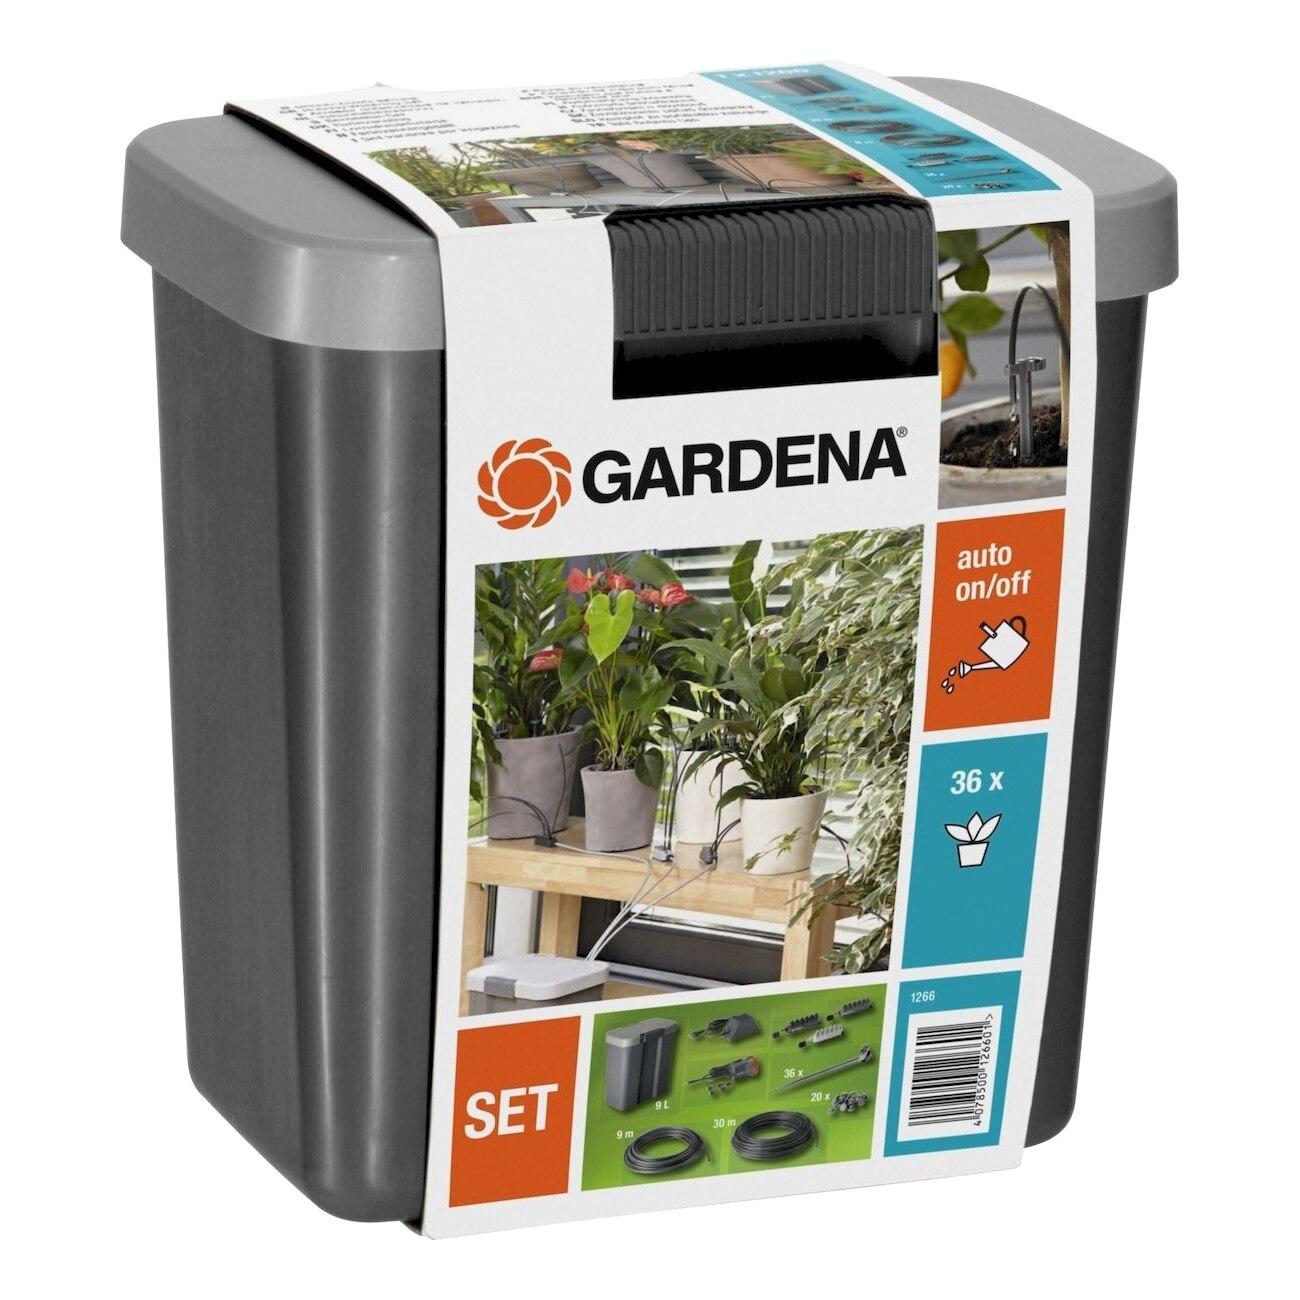 Set поливочный GARDENA 01266-20.000.00 (For watering to 36 potted plants, swivel) стоимость